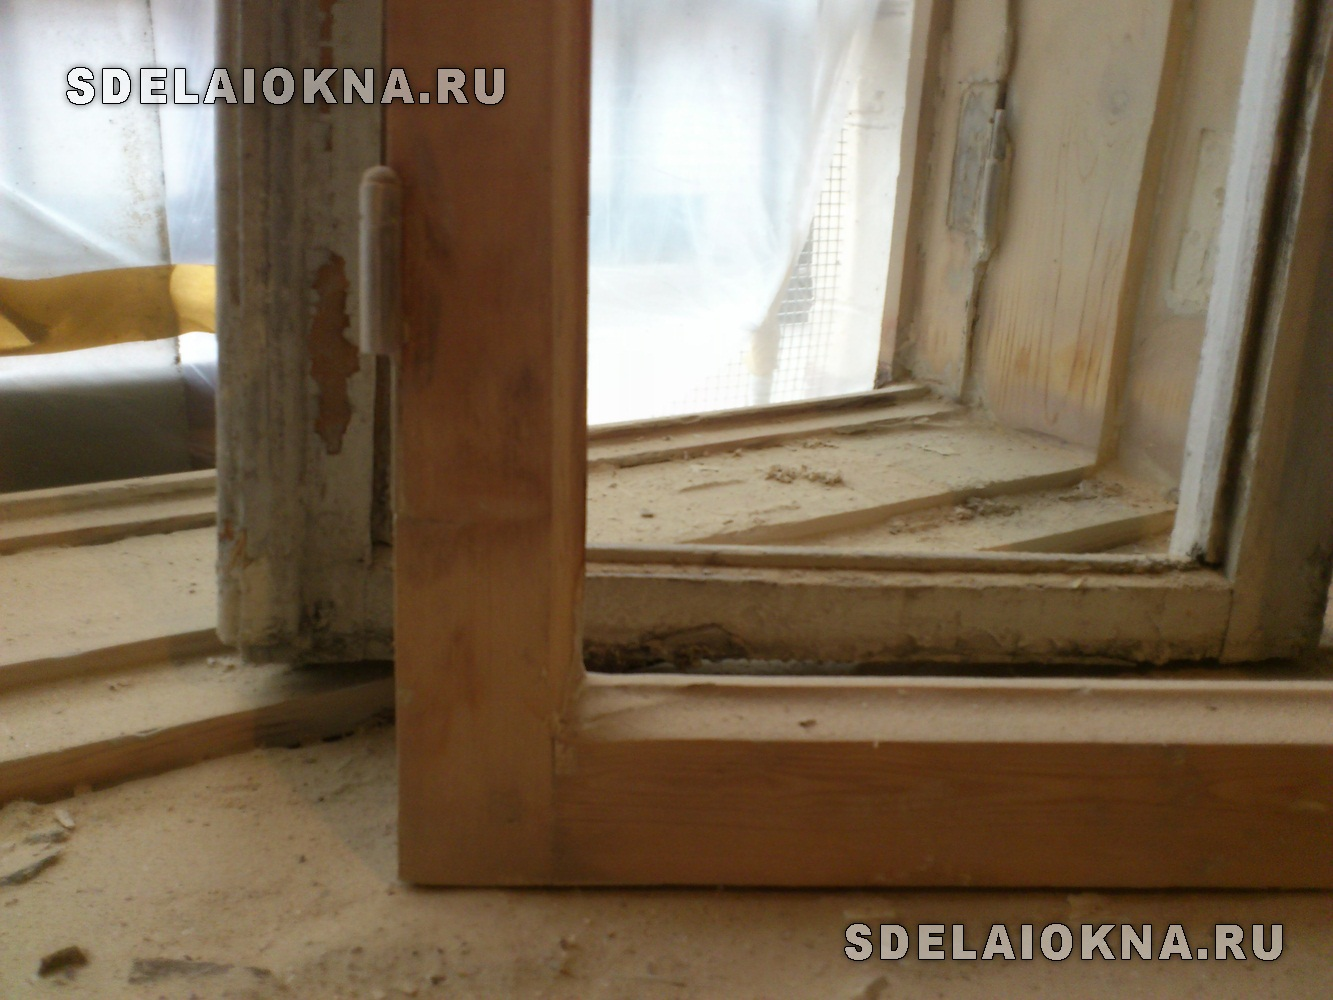 Шведская технология утепления деревянных окон своими руками